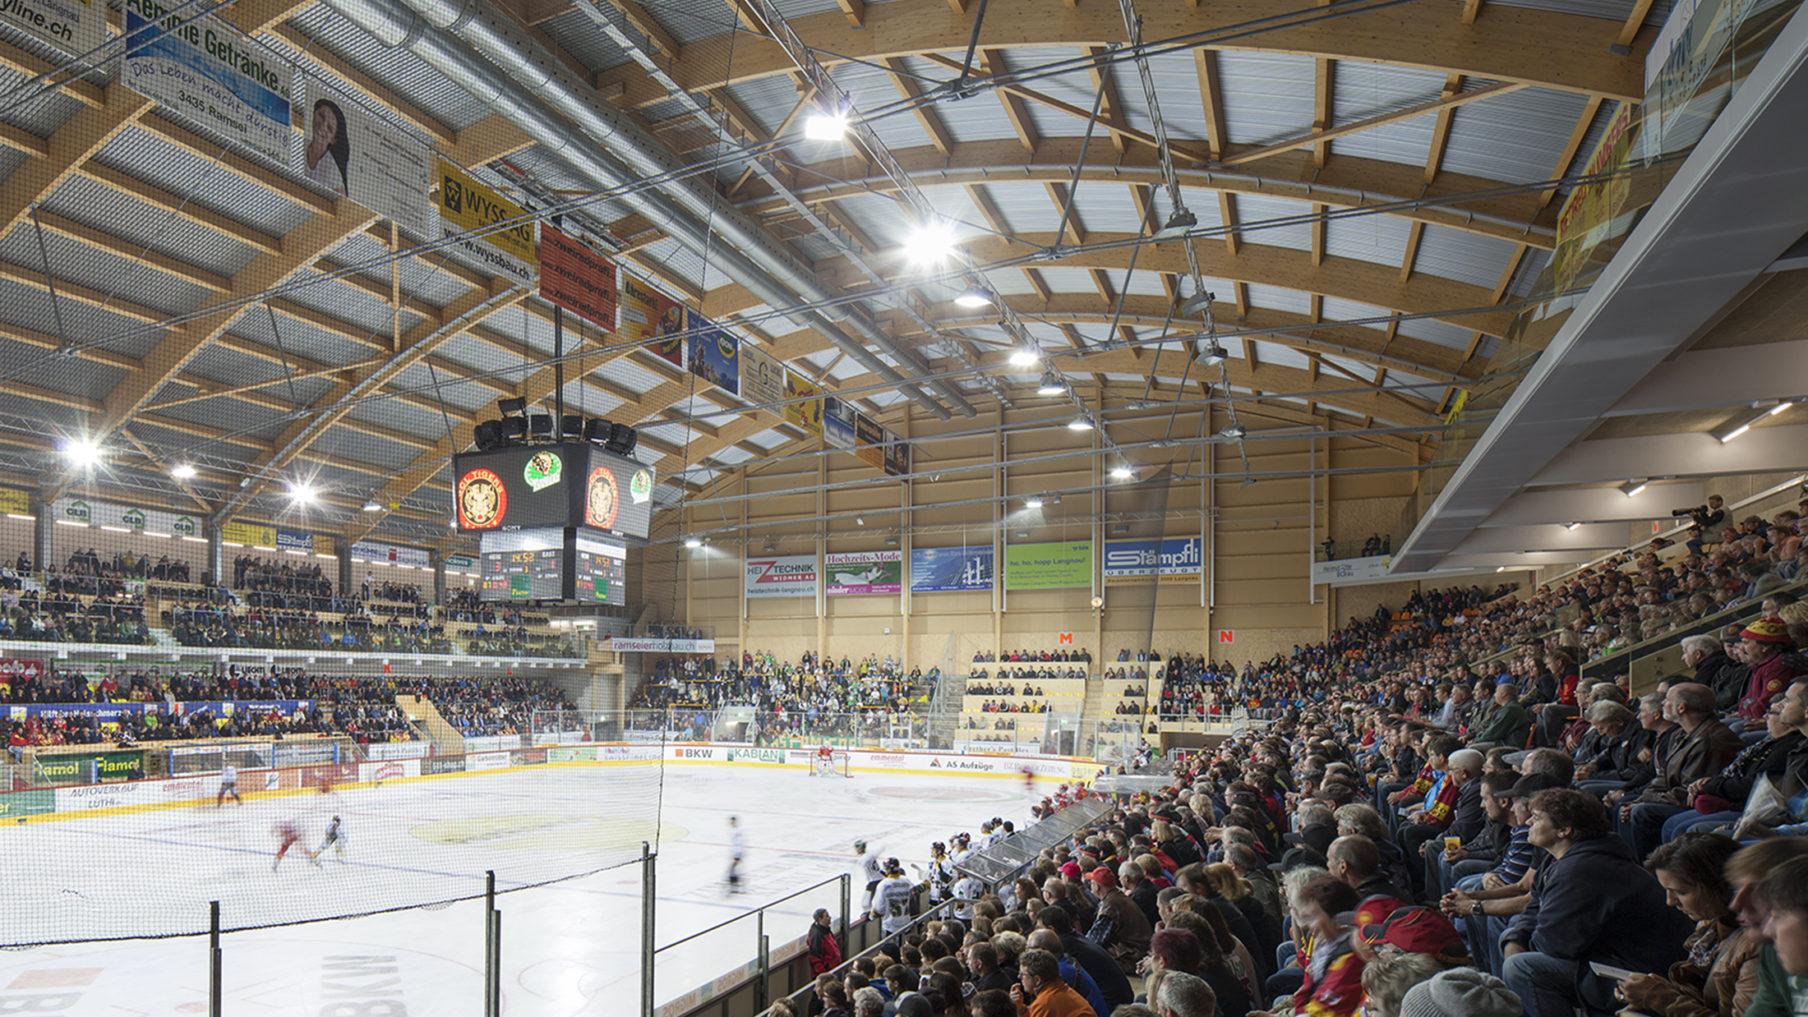 Eissportstadion Ilfishalle (Fertigstellung 2012)